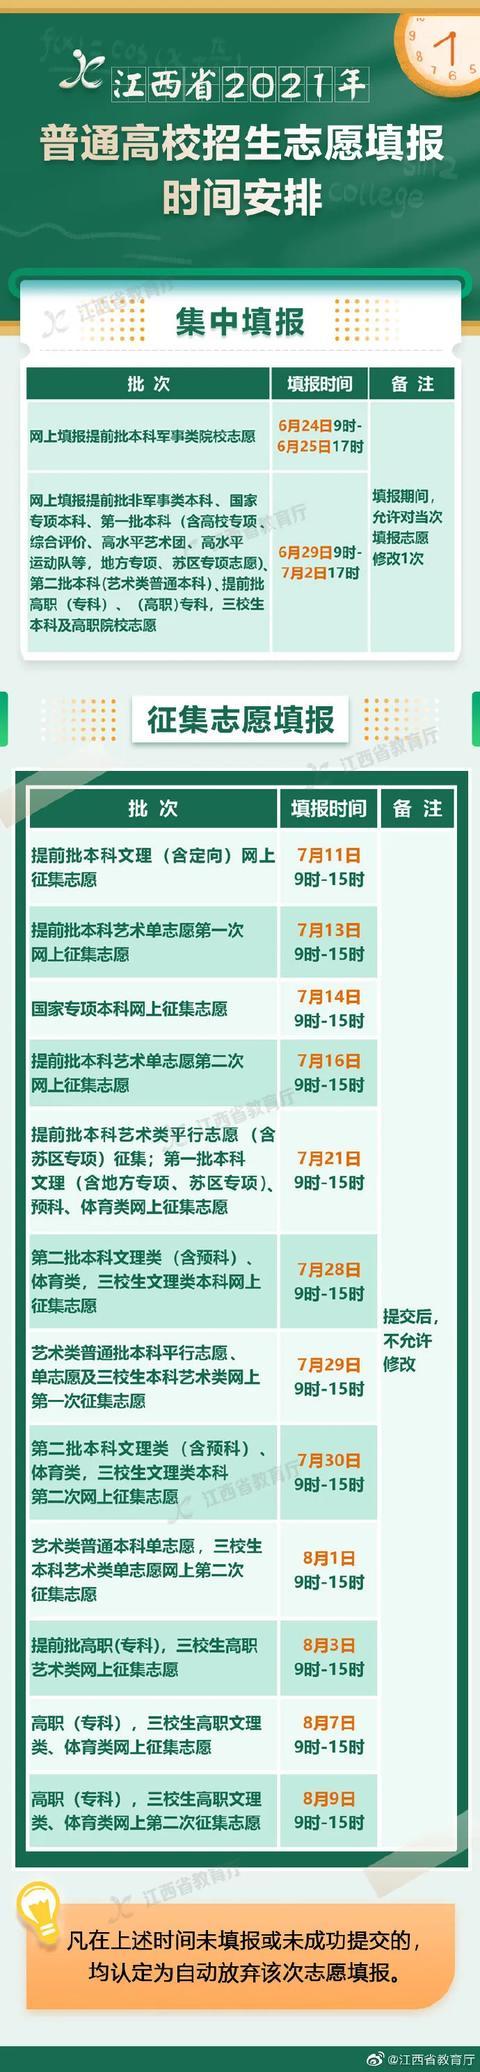 【护理部技能培训集中练兵计划】刚刚!2021江西高考分数线出炉